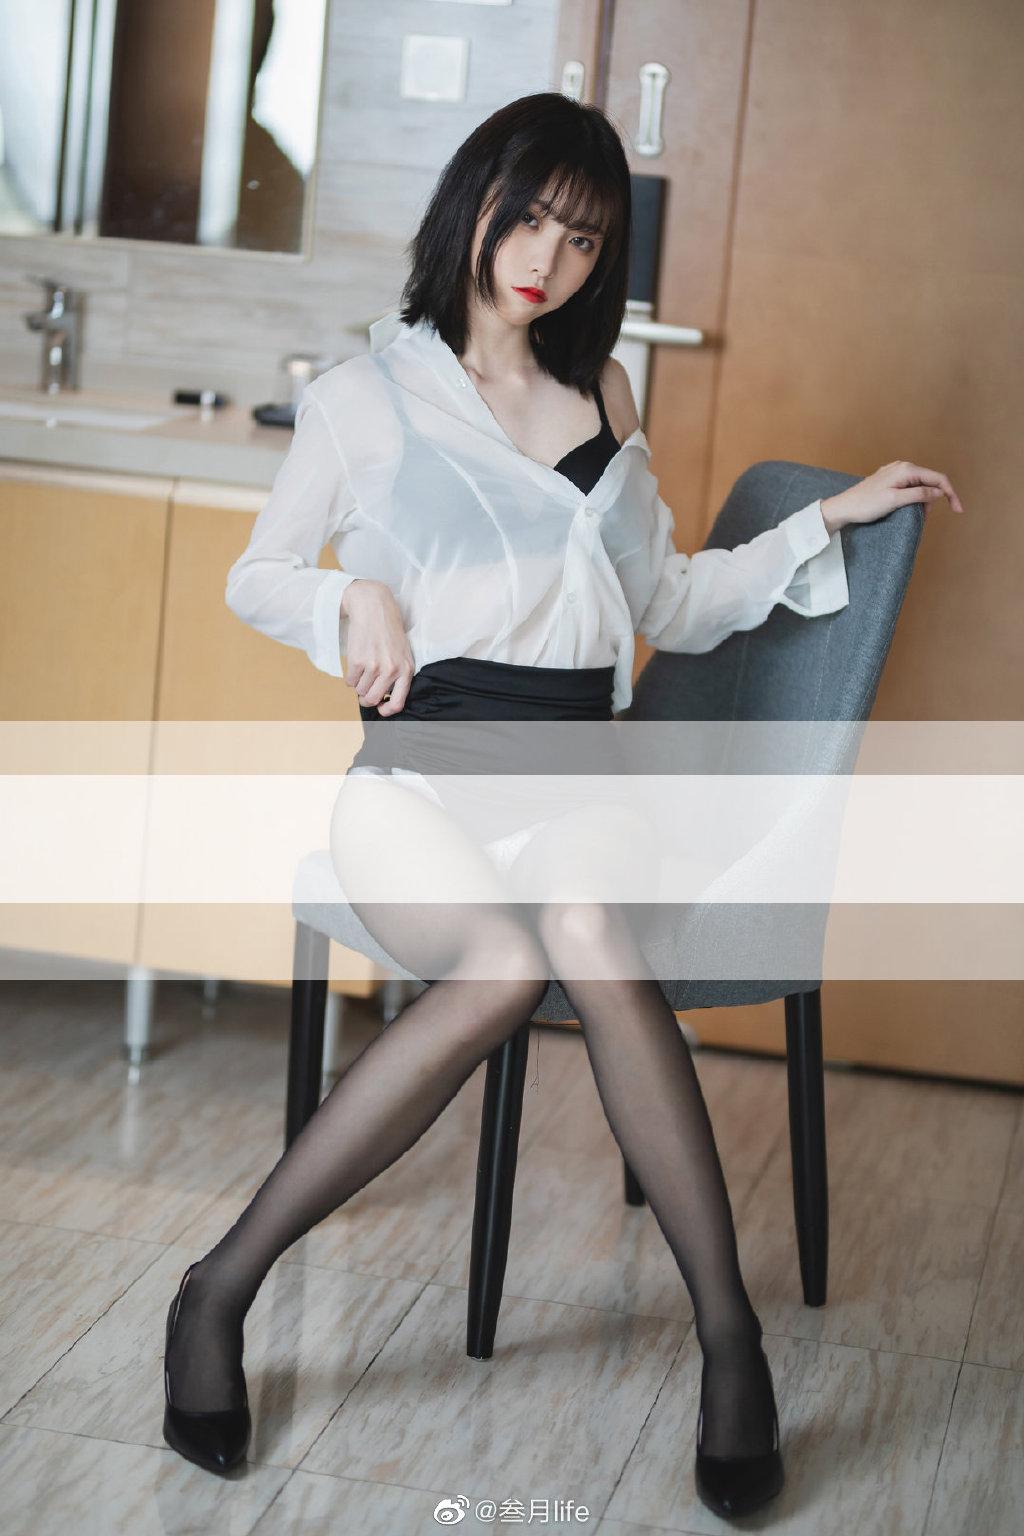 好标准的OL呀@许岚LAN 这么漂亮的腿不登三轮可惜了!插图9